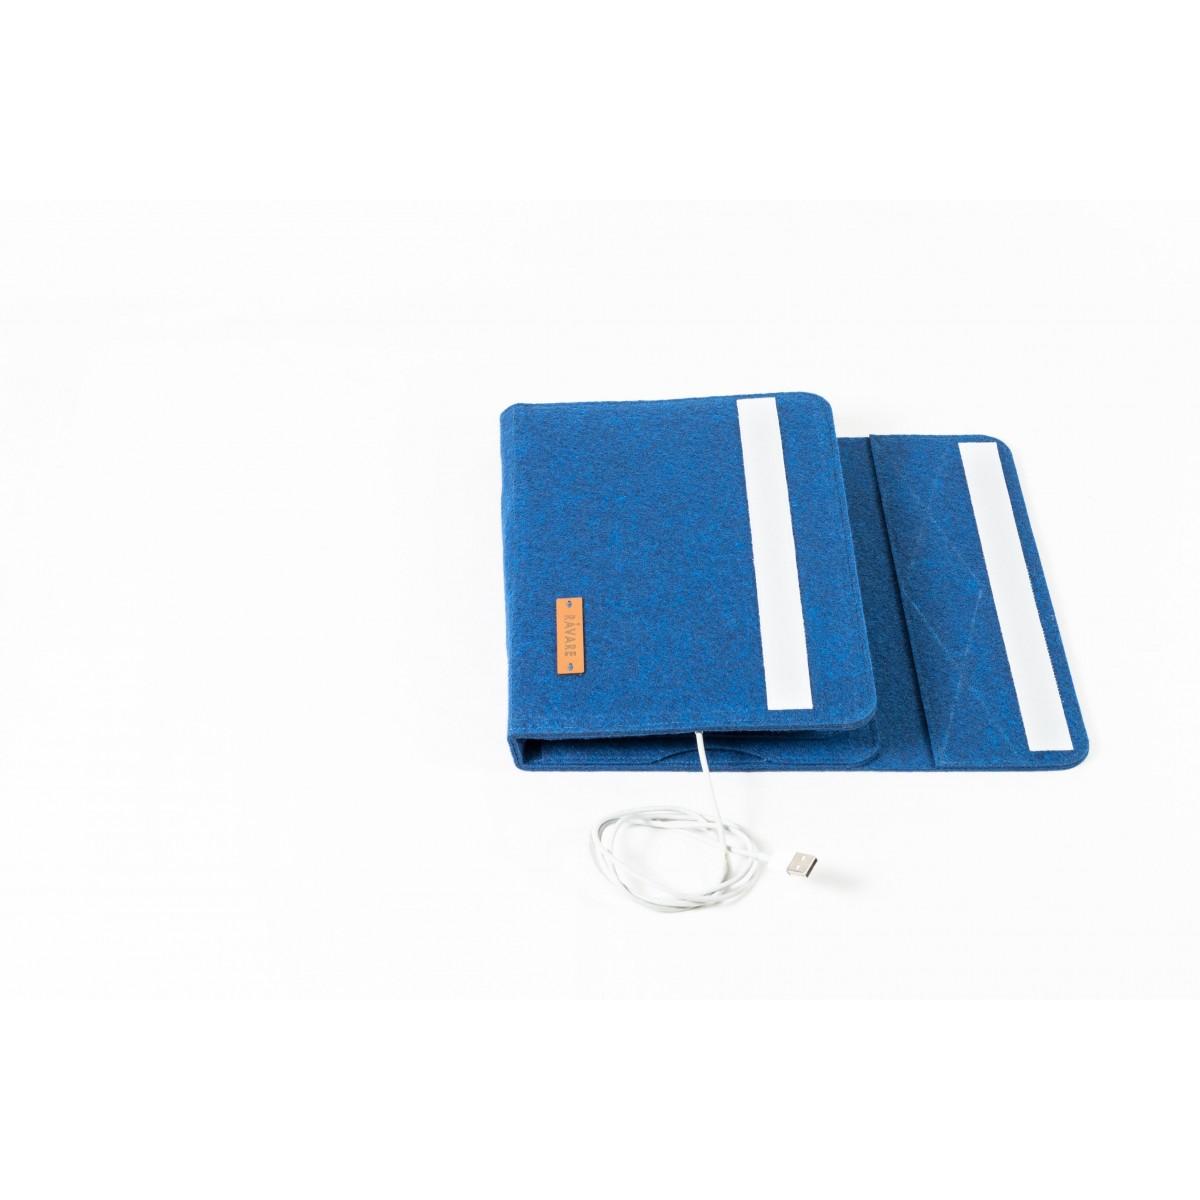 RÅVARE Tablet Organizer für kleine und mittlere Tablets ≤10.1″ mit vielen Stecklaschen, iPad, Samsung in blau [KOCO M]